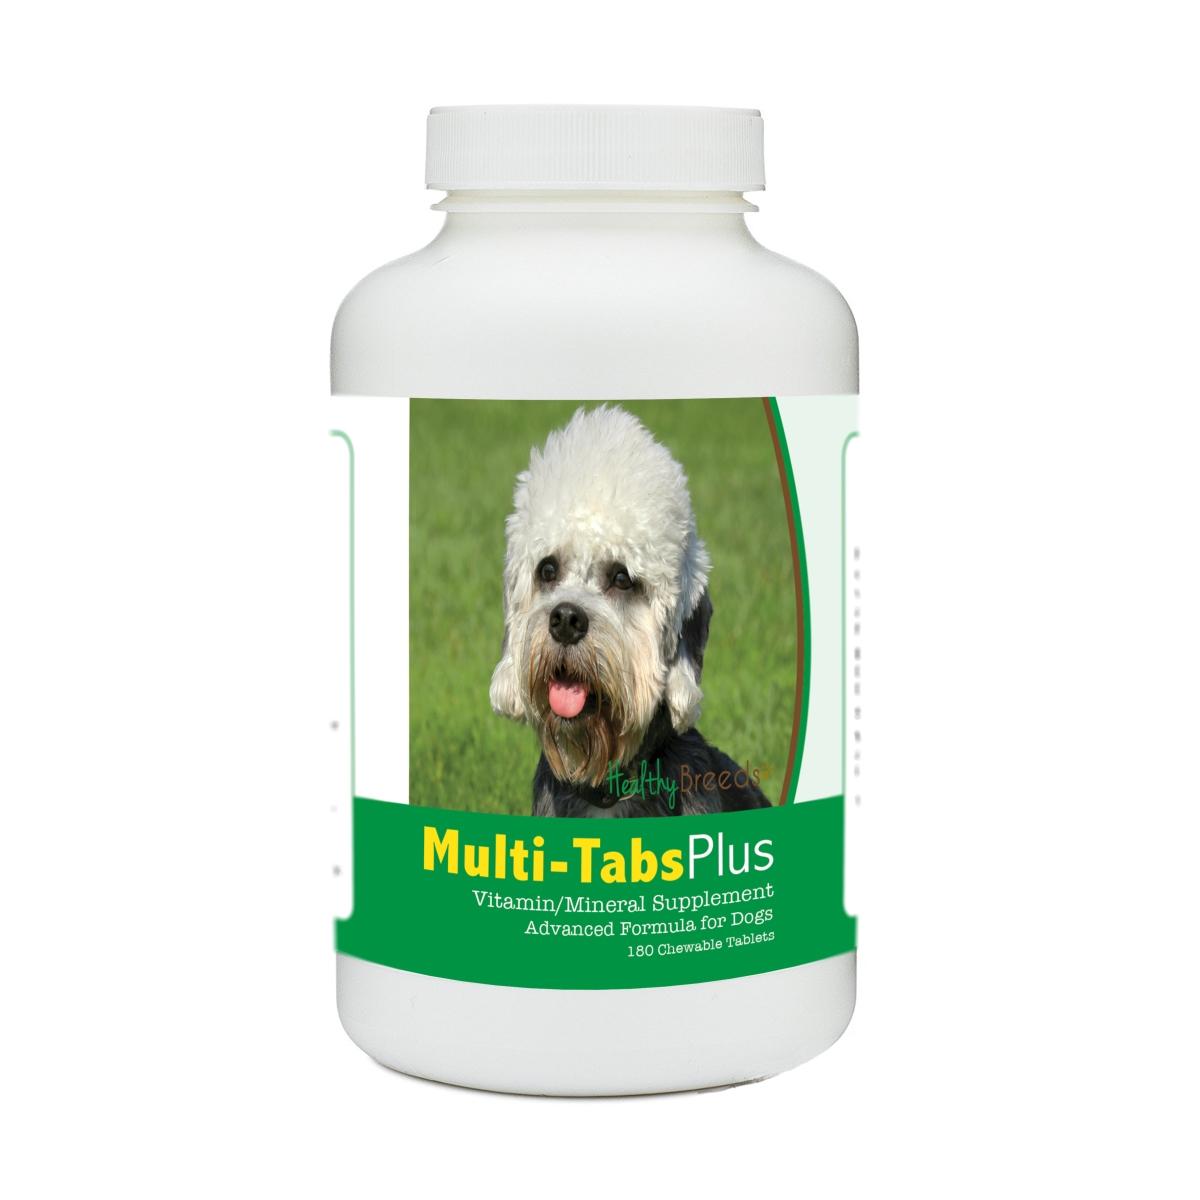 Healthy Breeds 840235172383 Dandie Dinmont Terrier Multi-Tabs Plus Chewable Tablets - 180 Count